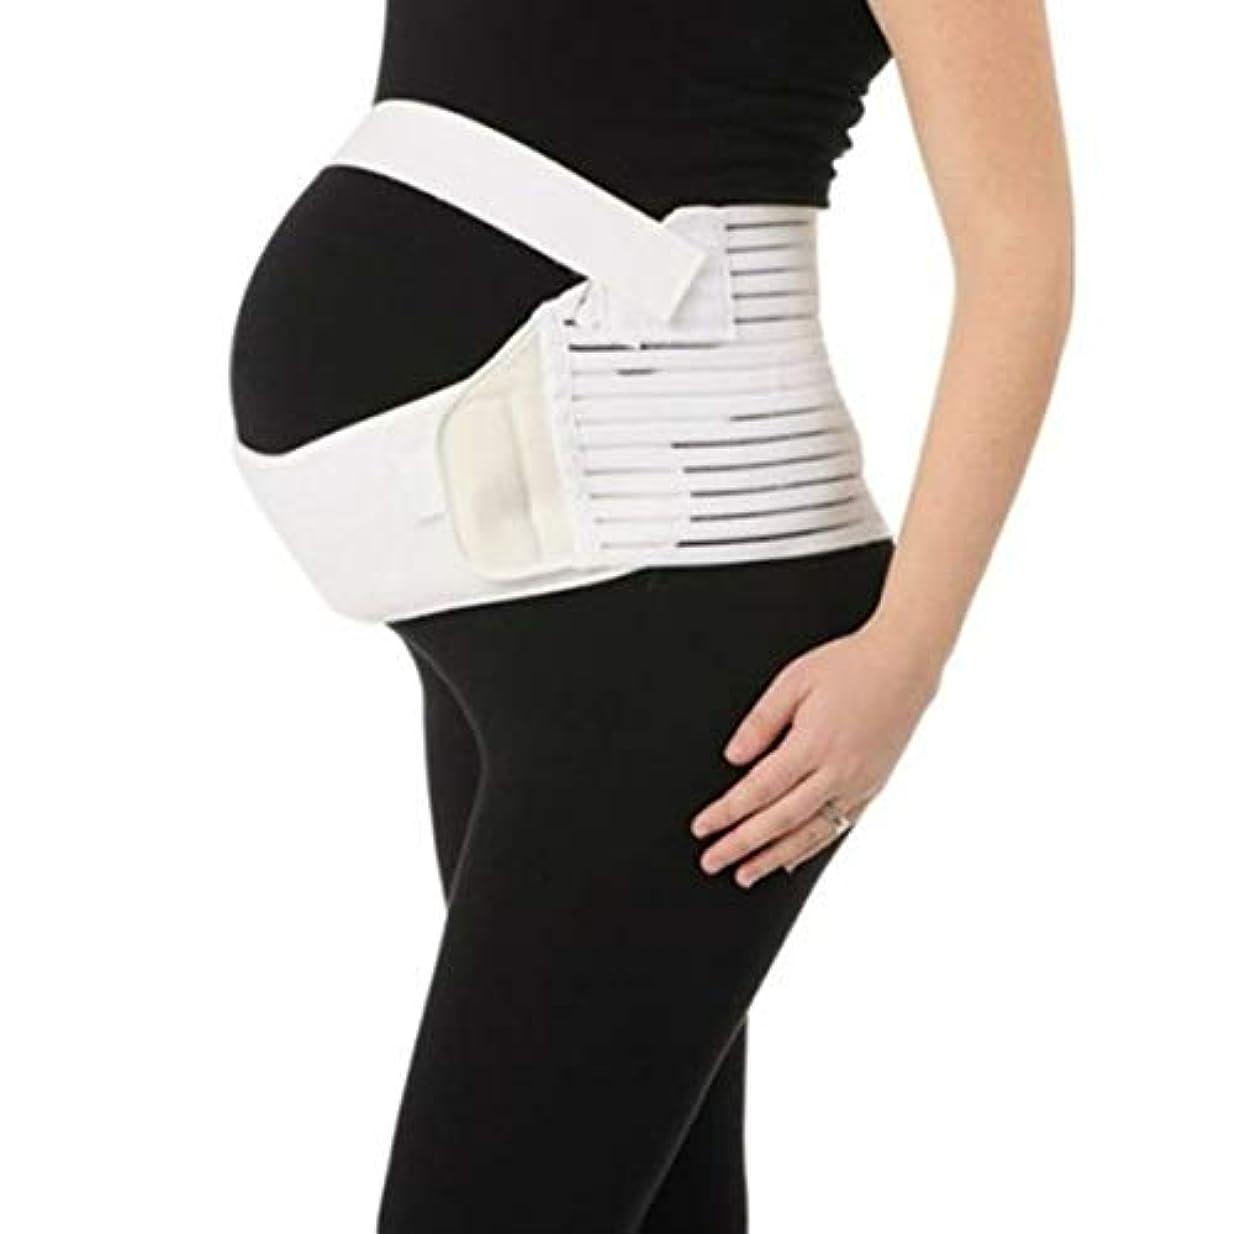 スピリチュアル責乞食通気性マタニティベルト妊娠腹部サポート腹部バインダーガードル運動包帯産後回復形状ウェア - ホワイトXL